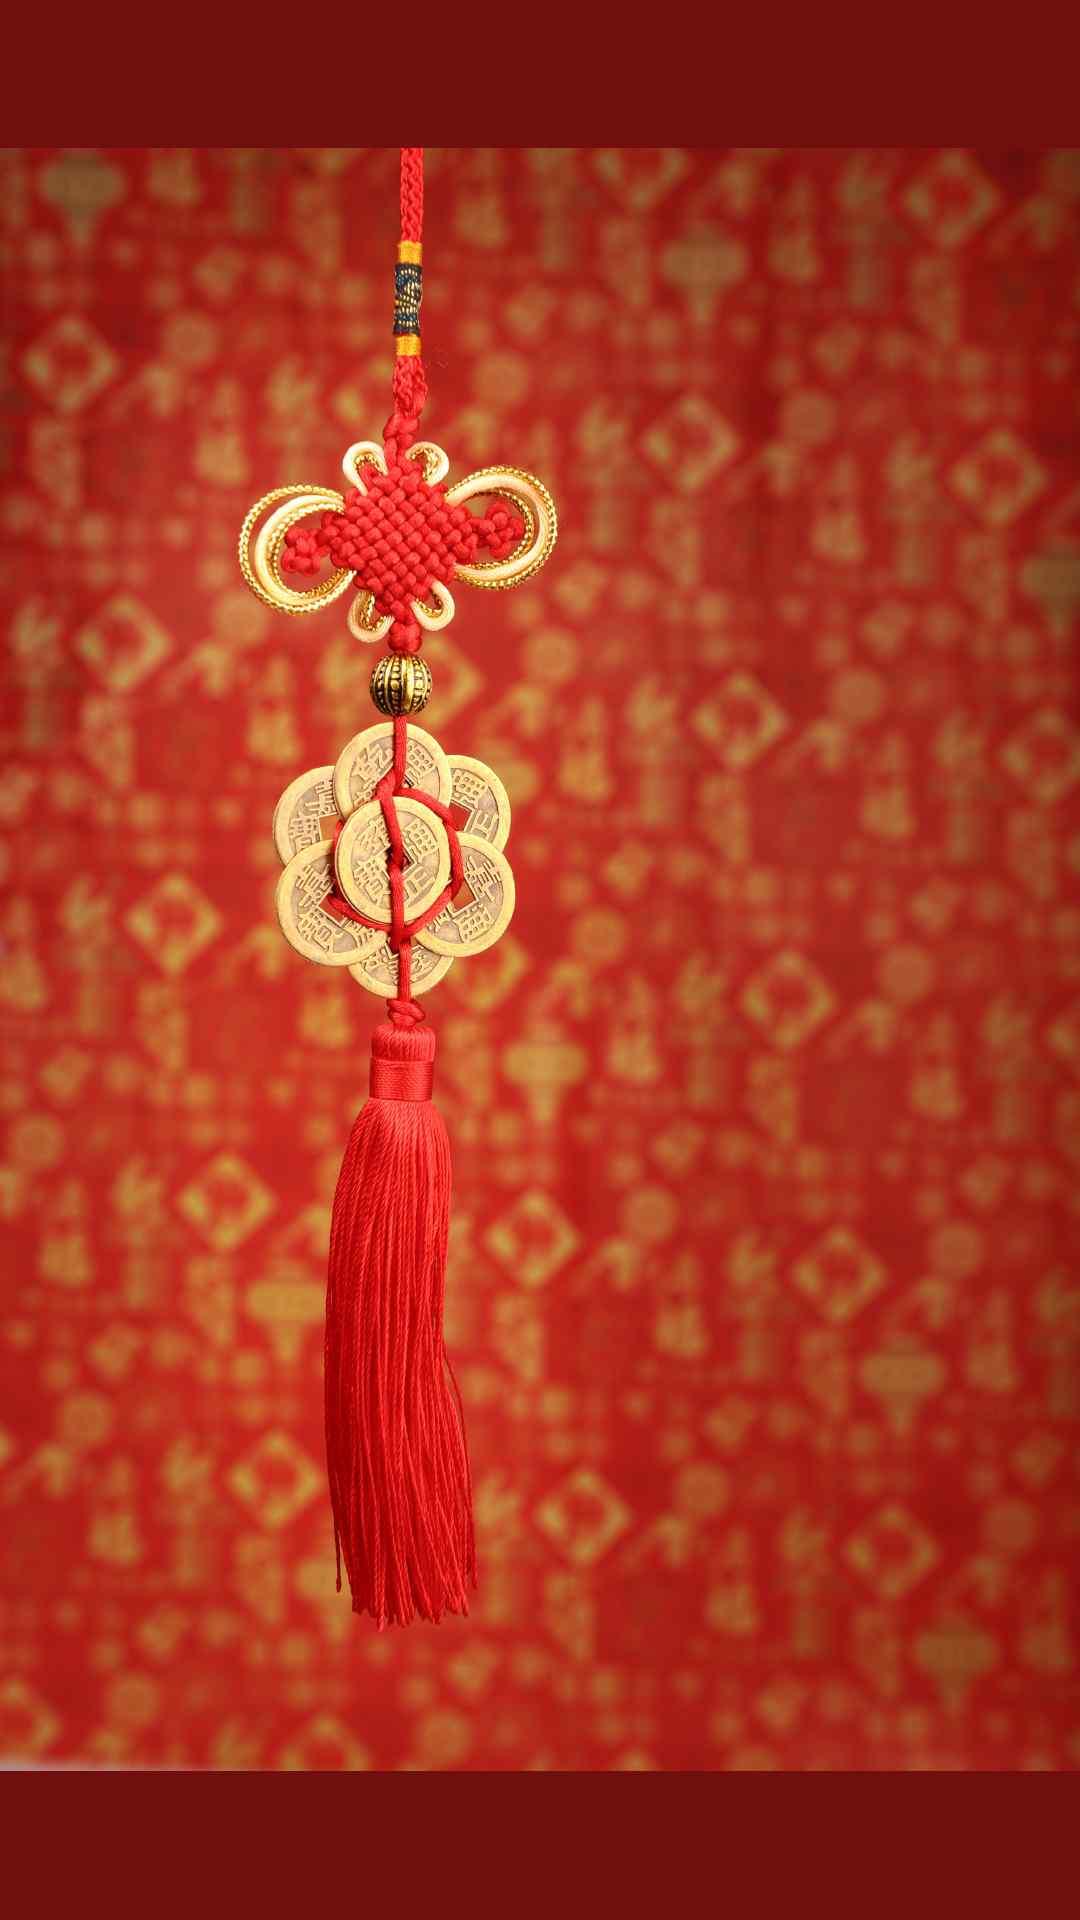 2017年新年-红色喜庆中国结手机壁纸